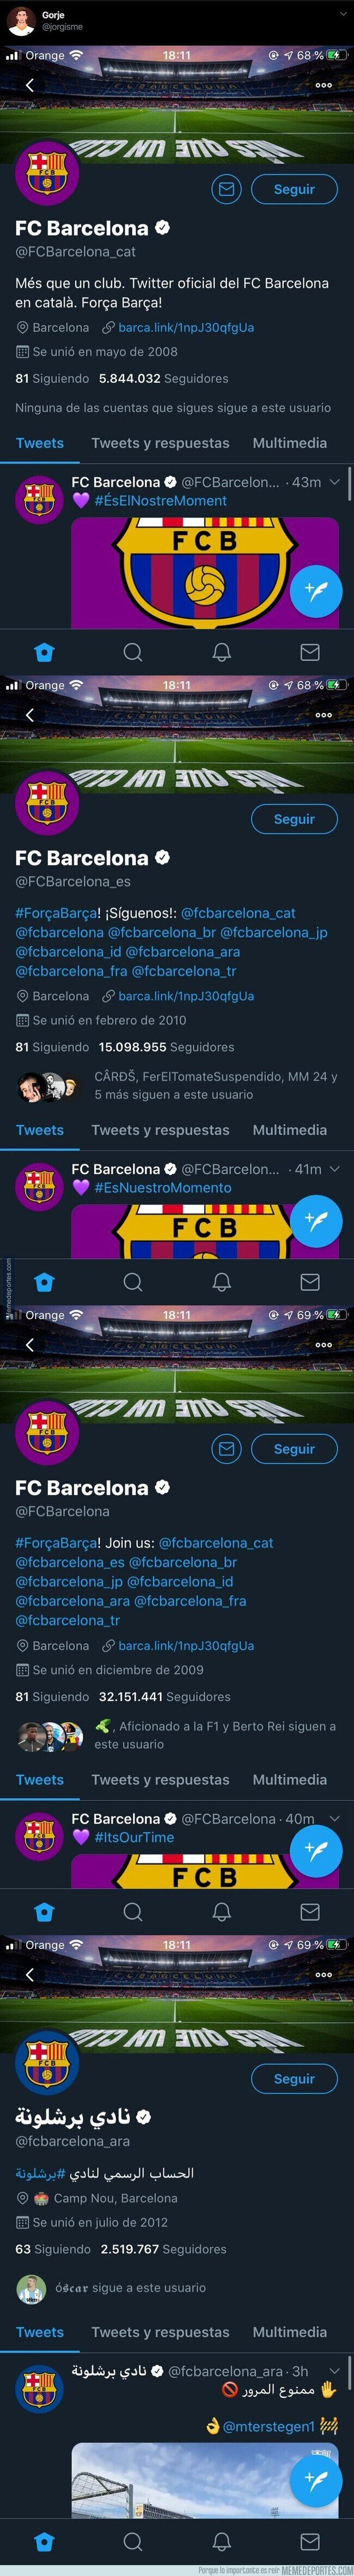 1100473 - El polémico detalle de las cuentas del Barça por el 'Día de la mujer' en su versión árabe que está creando muchas críticas